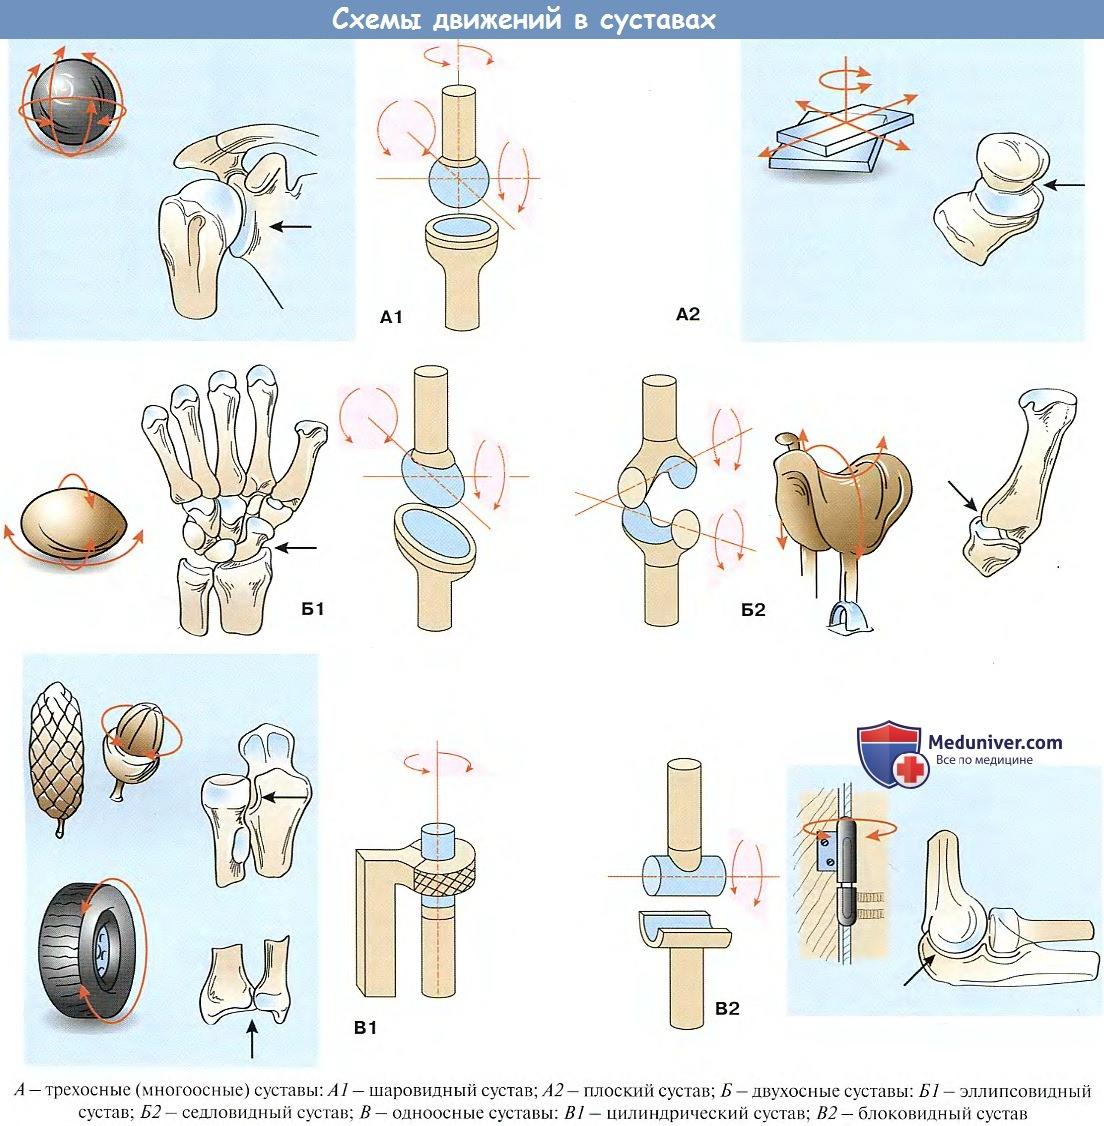 К блоковидным суставам относится почему болит все тело и суставы